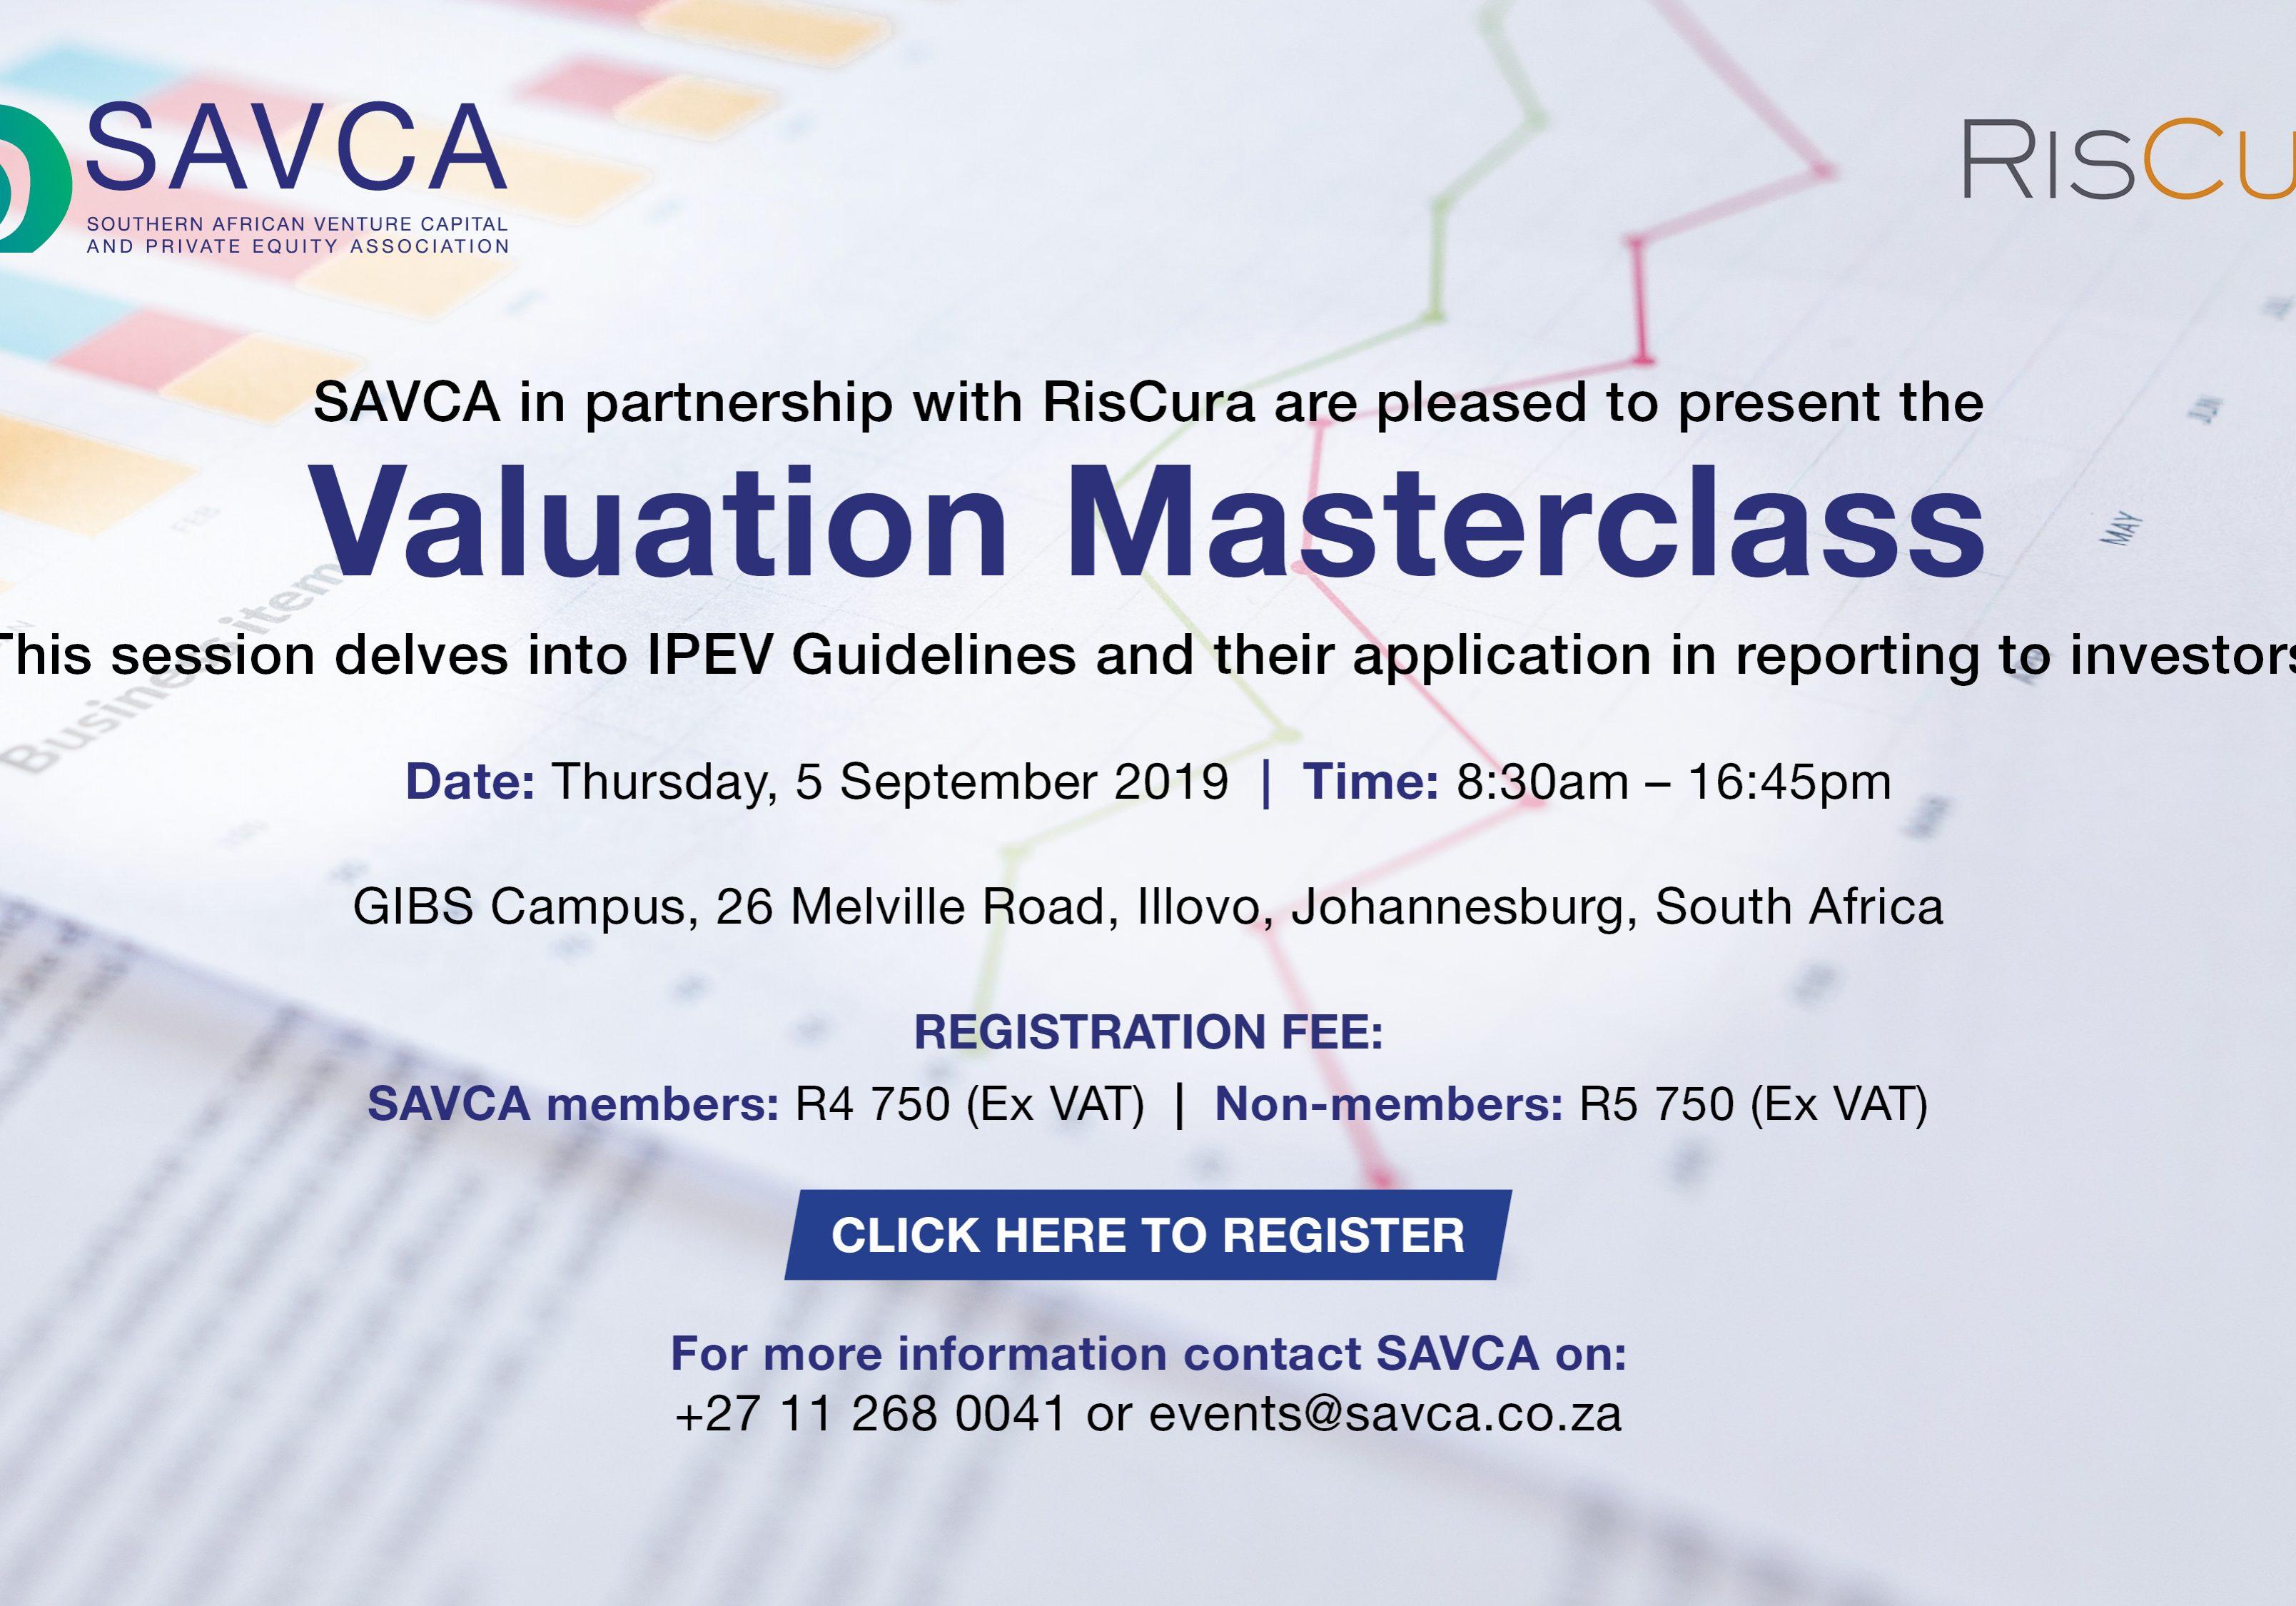 SAVCA_RisCura Valuation Masterclass invite 31july2019